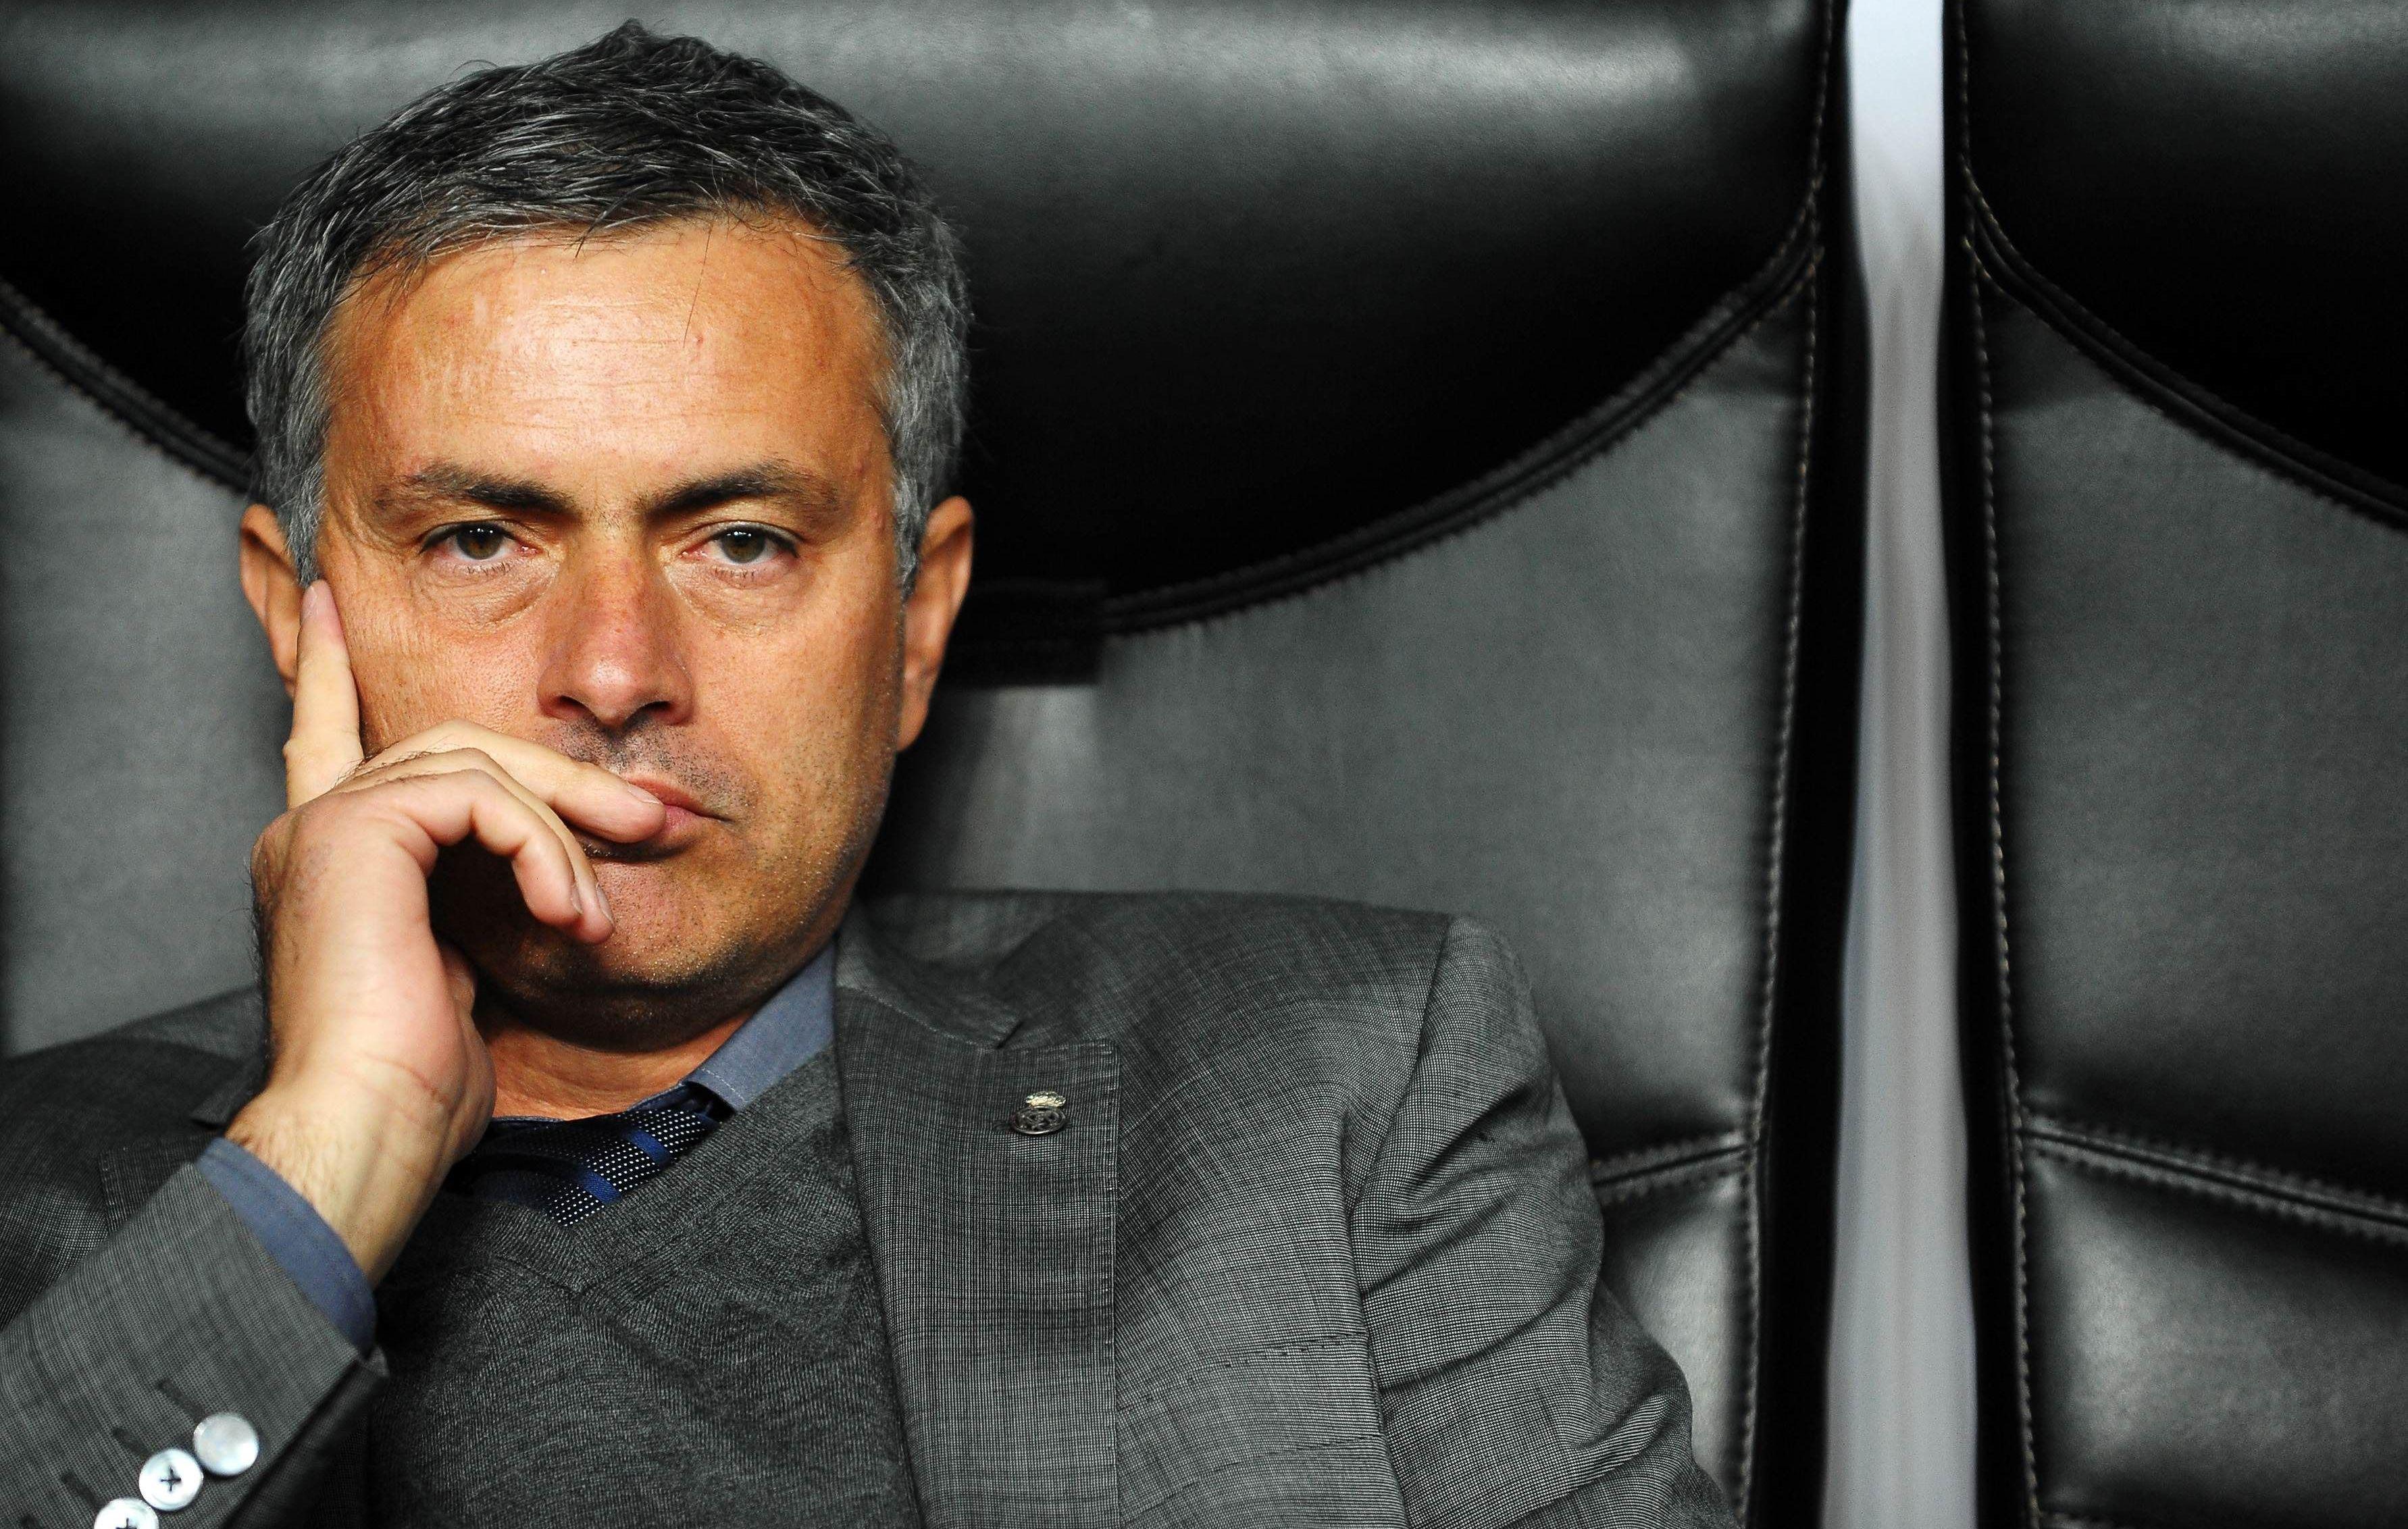 http://www.lefigaro.fr/medias/2010/11/30/sport24_433438_7459889_5_fre-FR.jpg